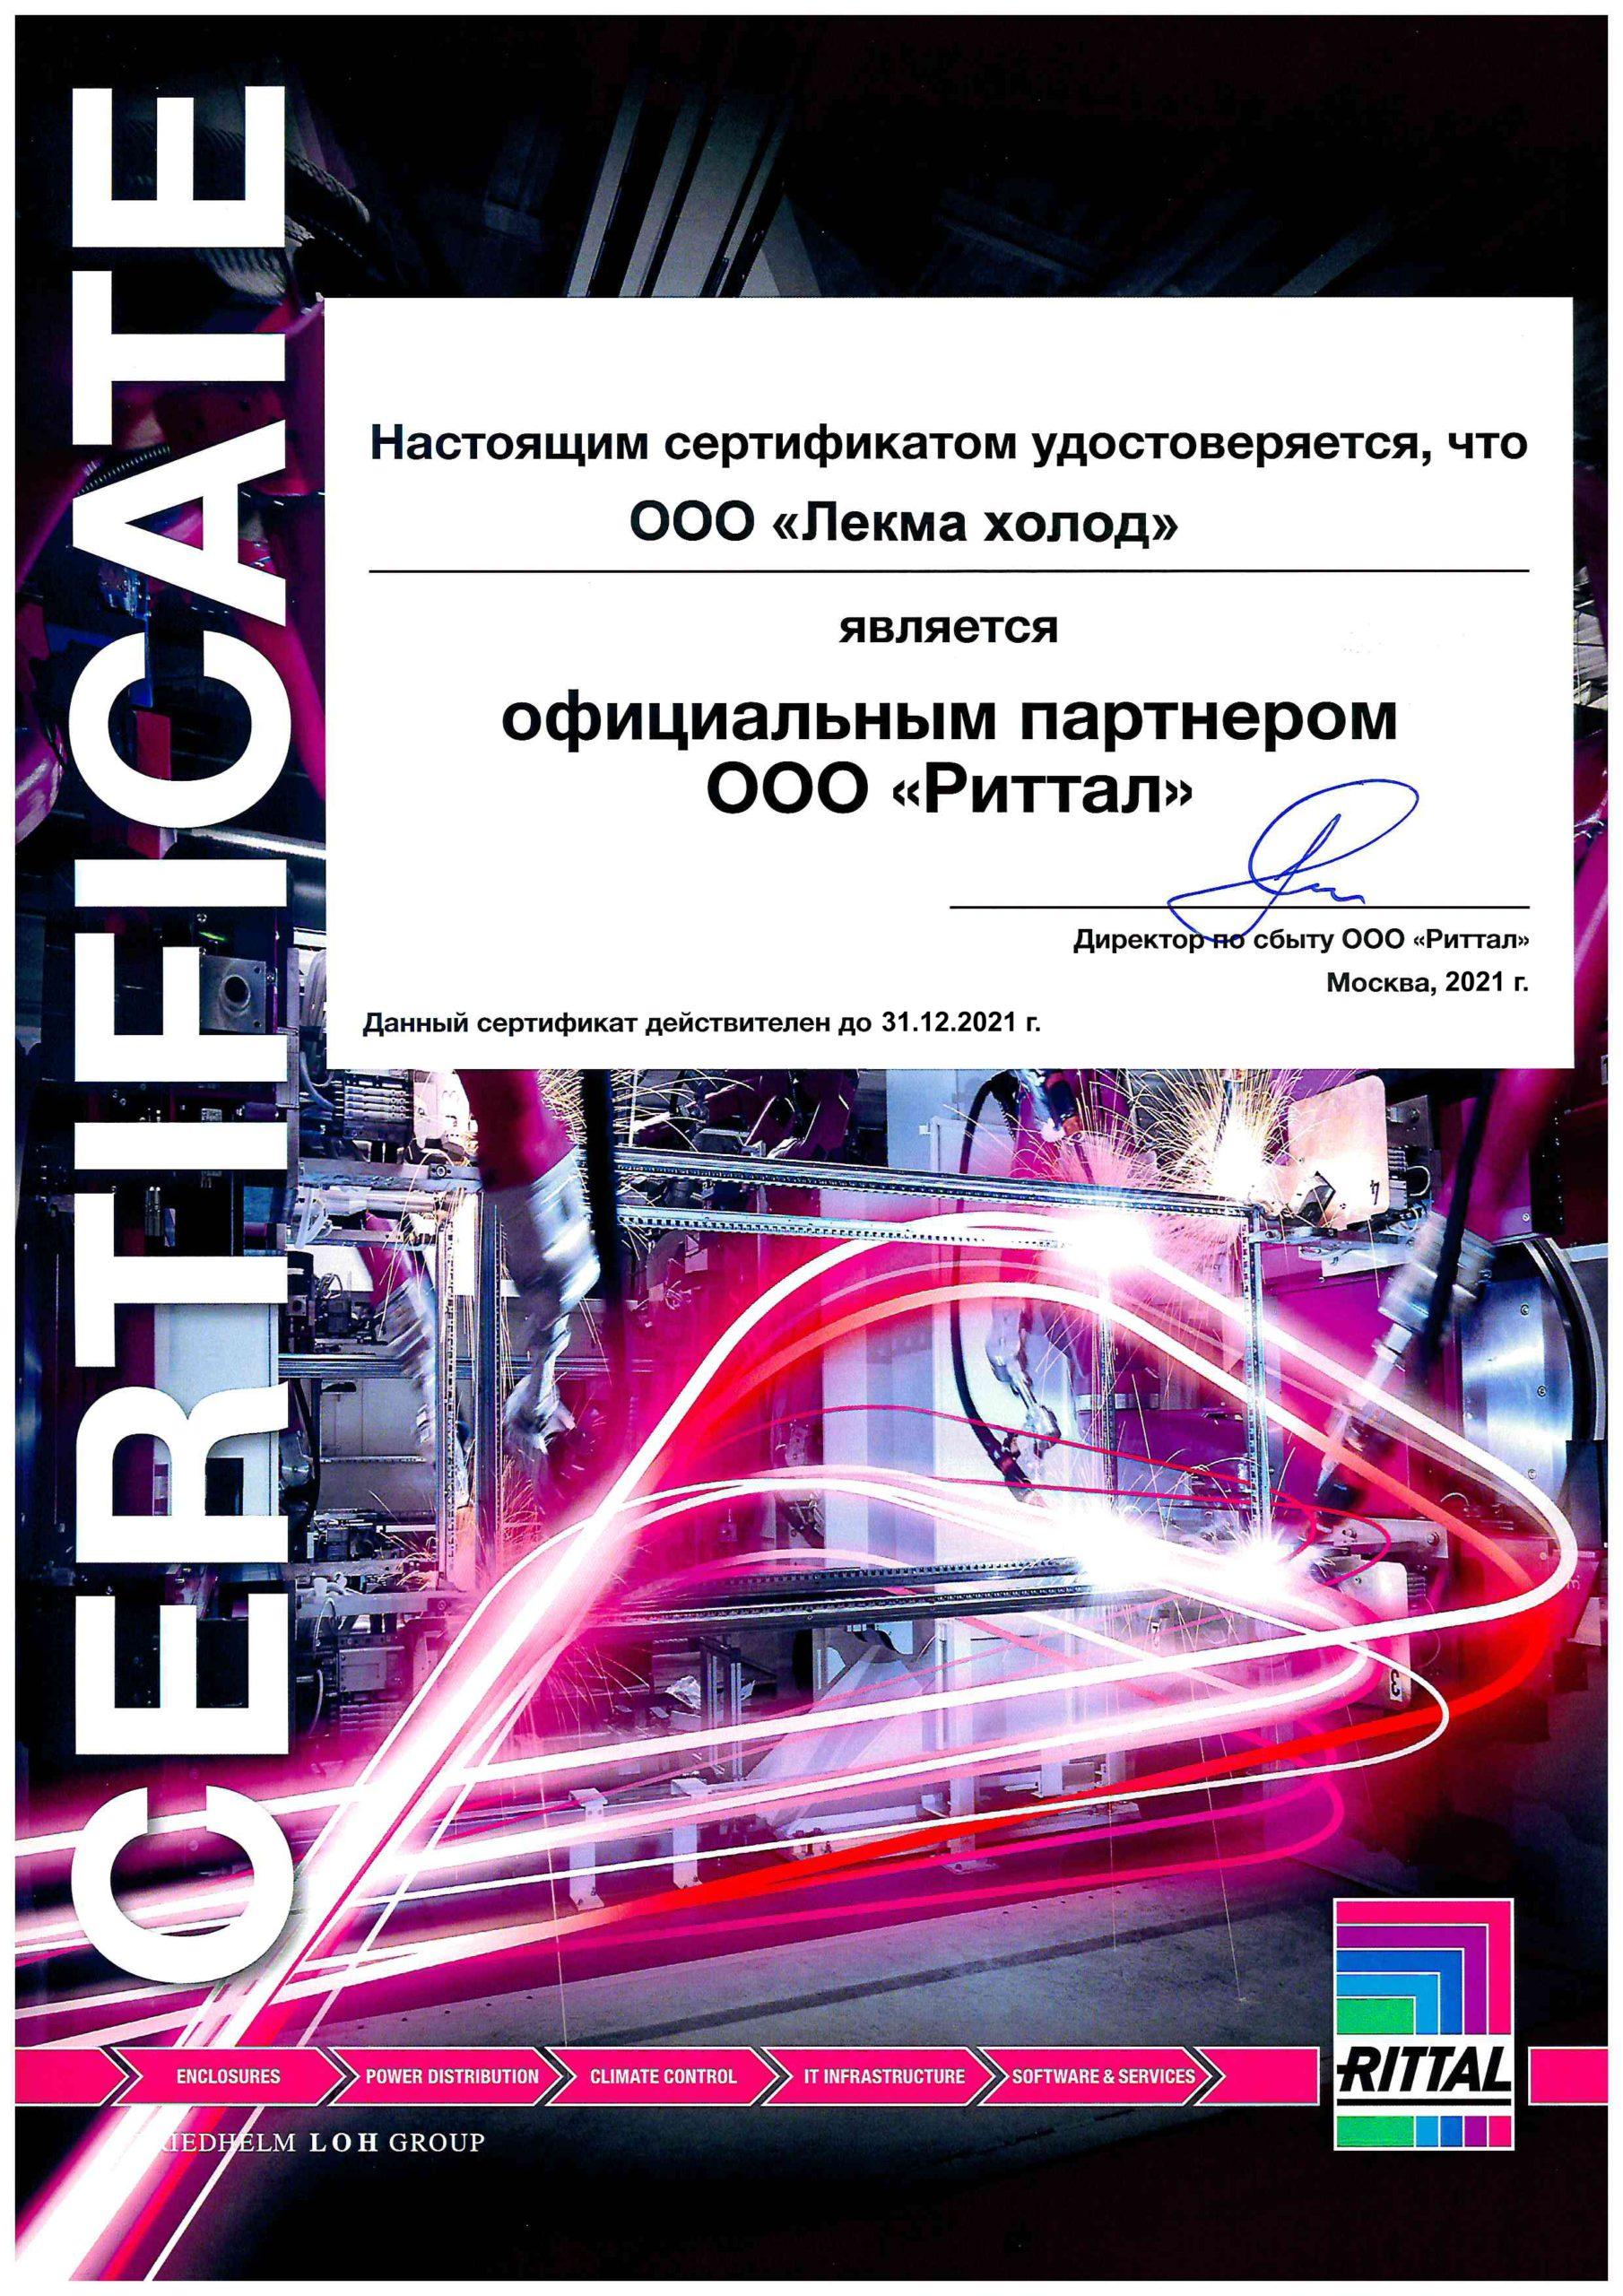 Rittal в Ростове-на-Дону